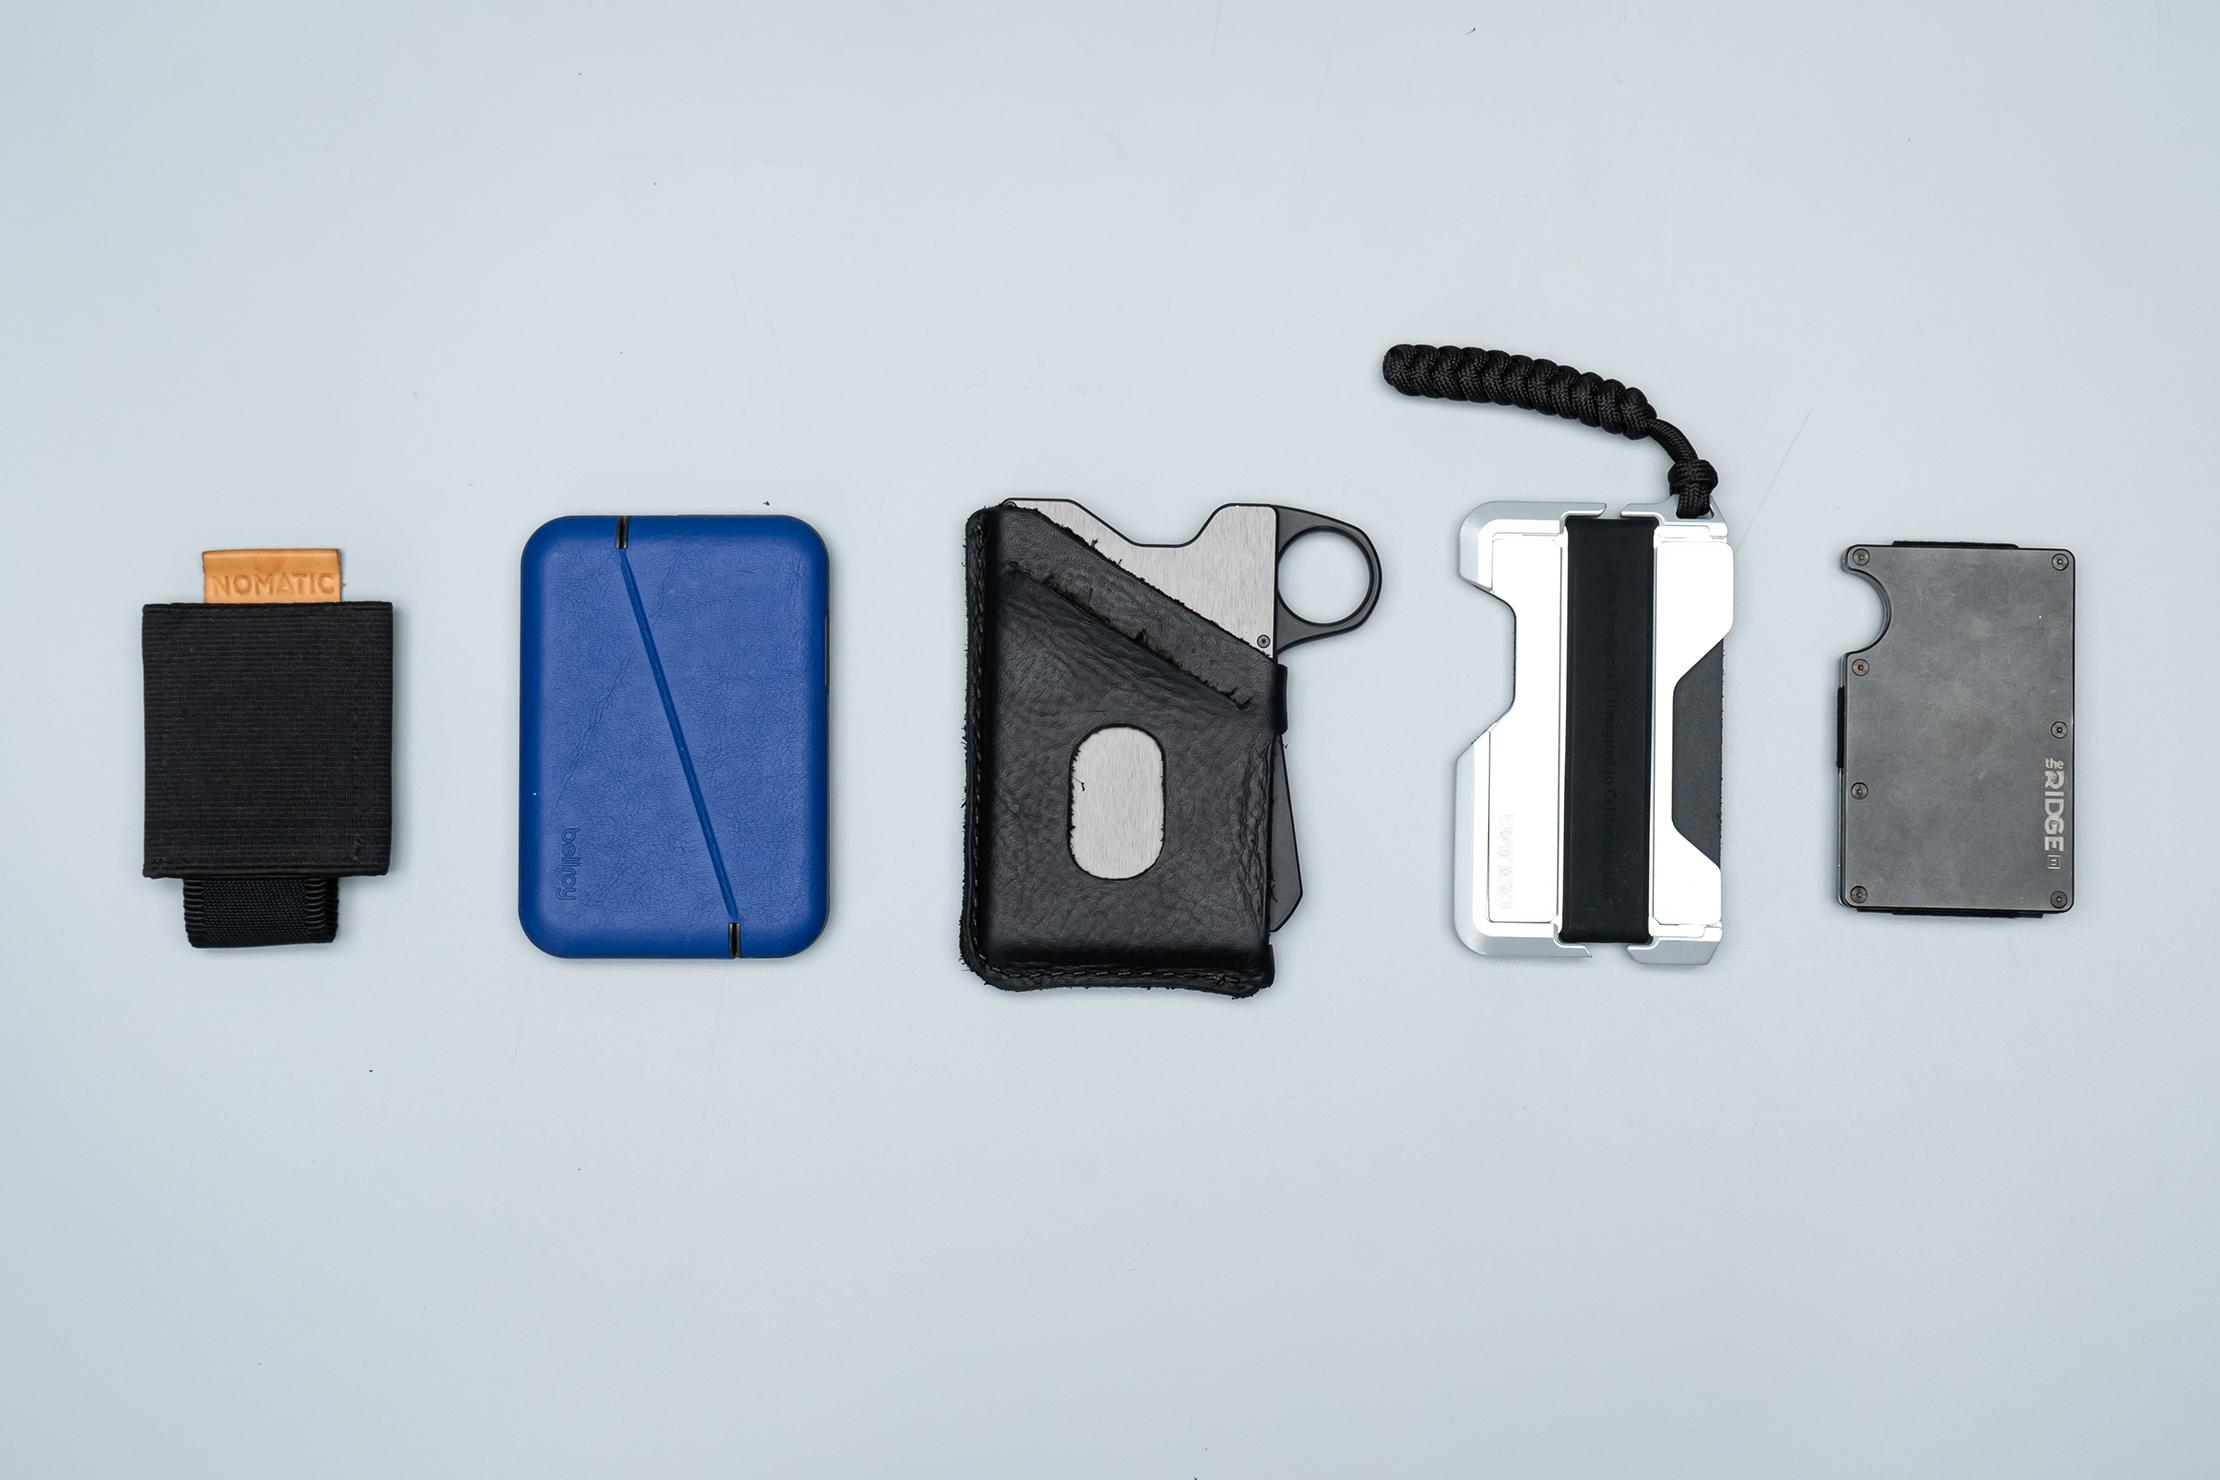 Grip6 Wallet Comparisons